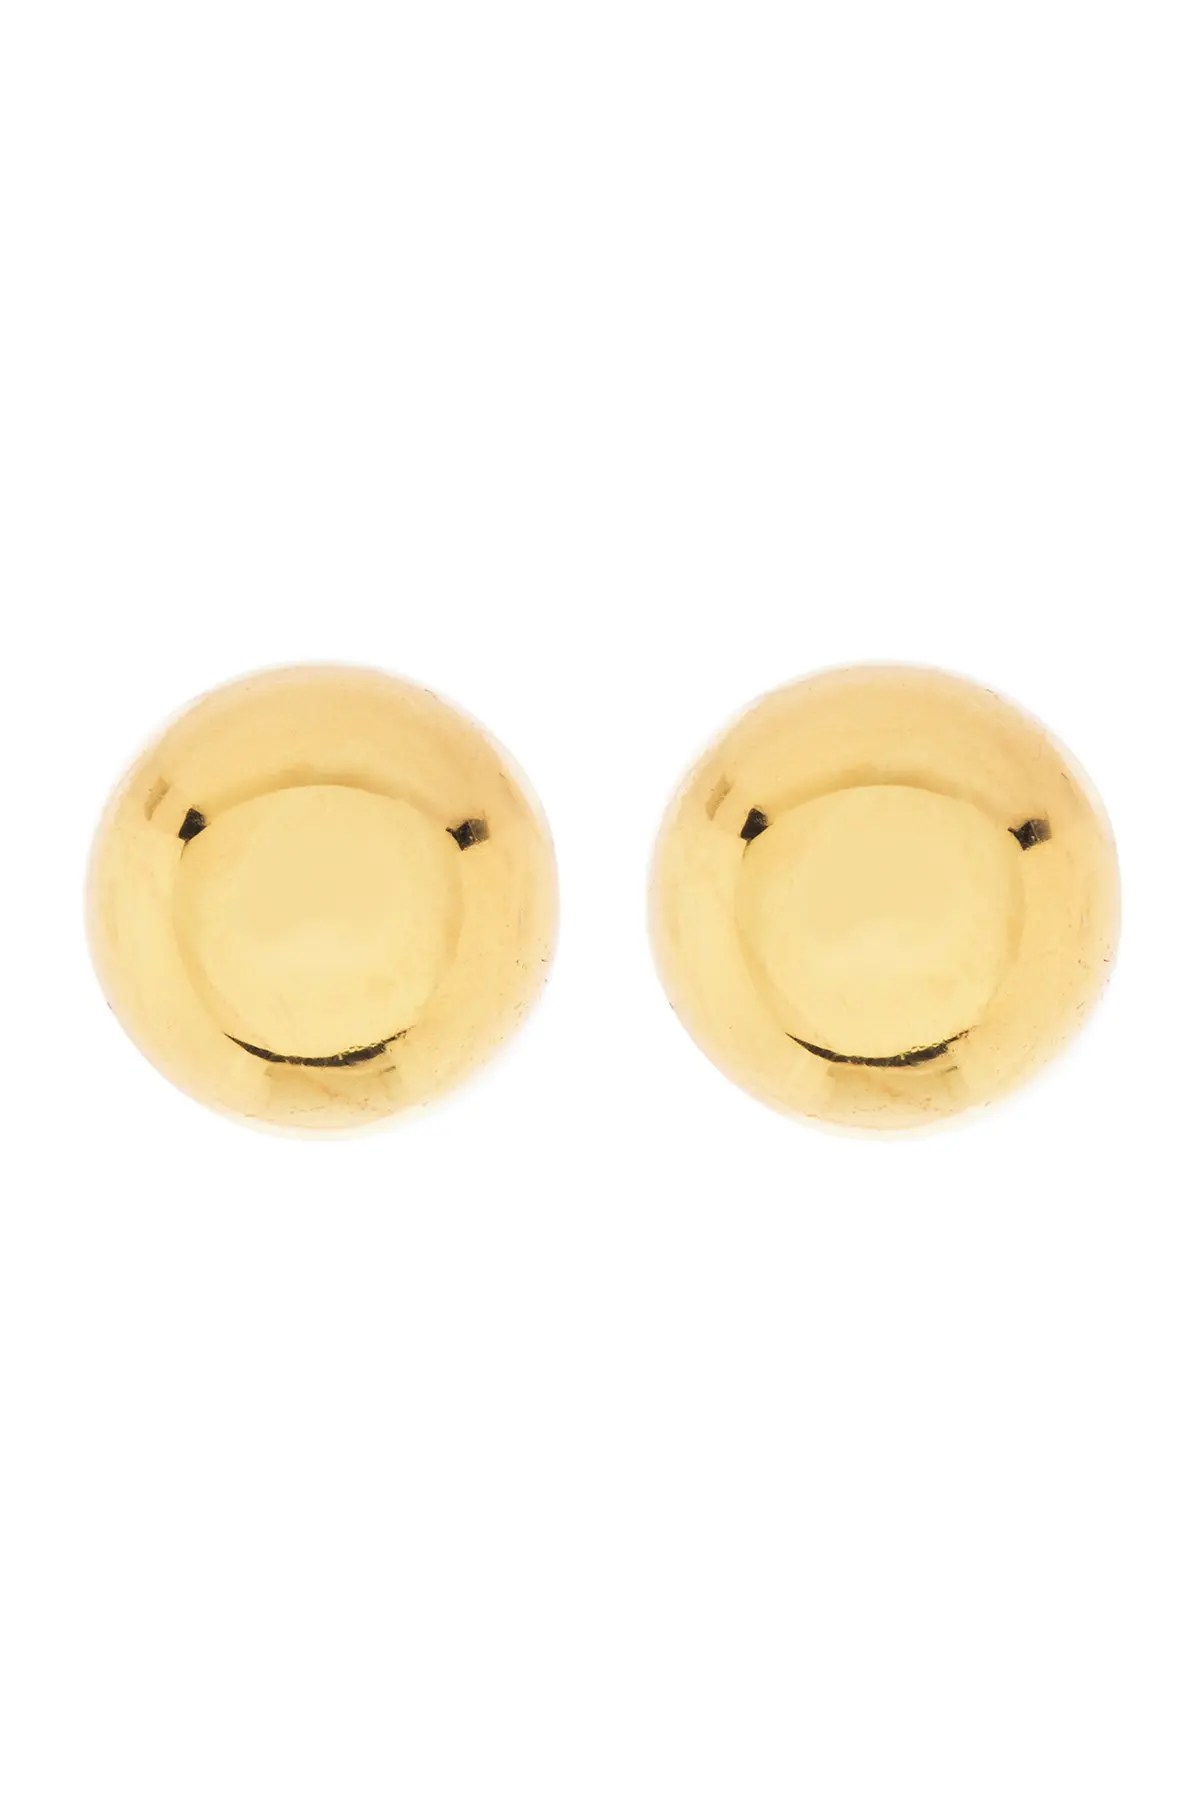 nordstrom rack 14k gold plated 5mm ball stud earrings nordstrom rack